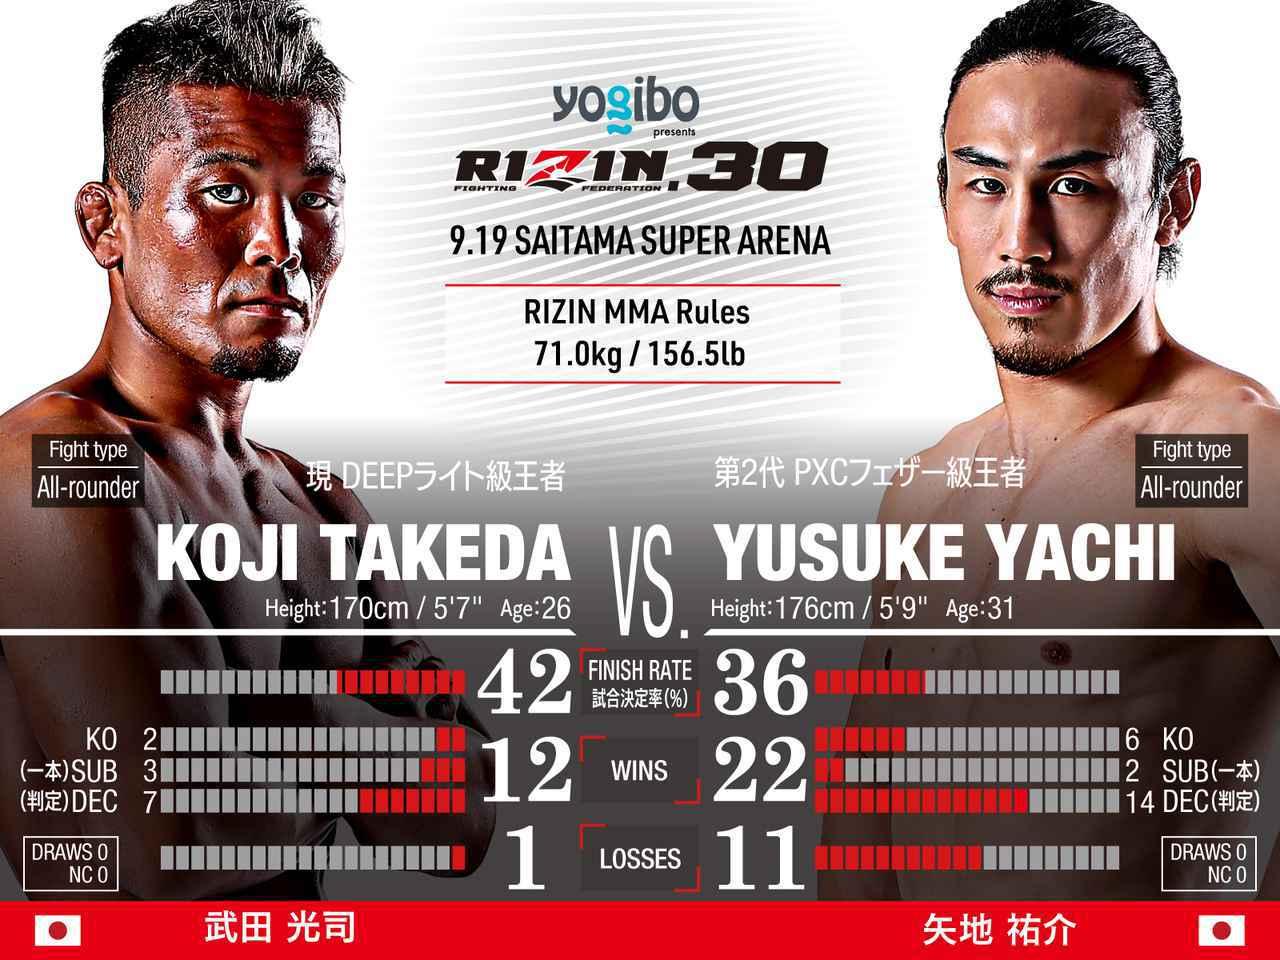 画像: Koji Takeda vs Yusuke Yachi